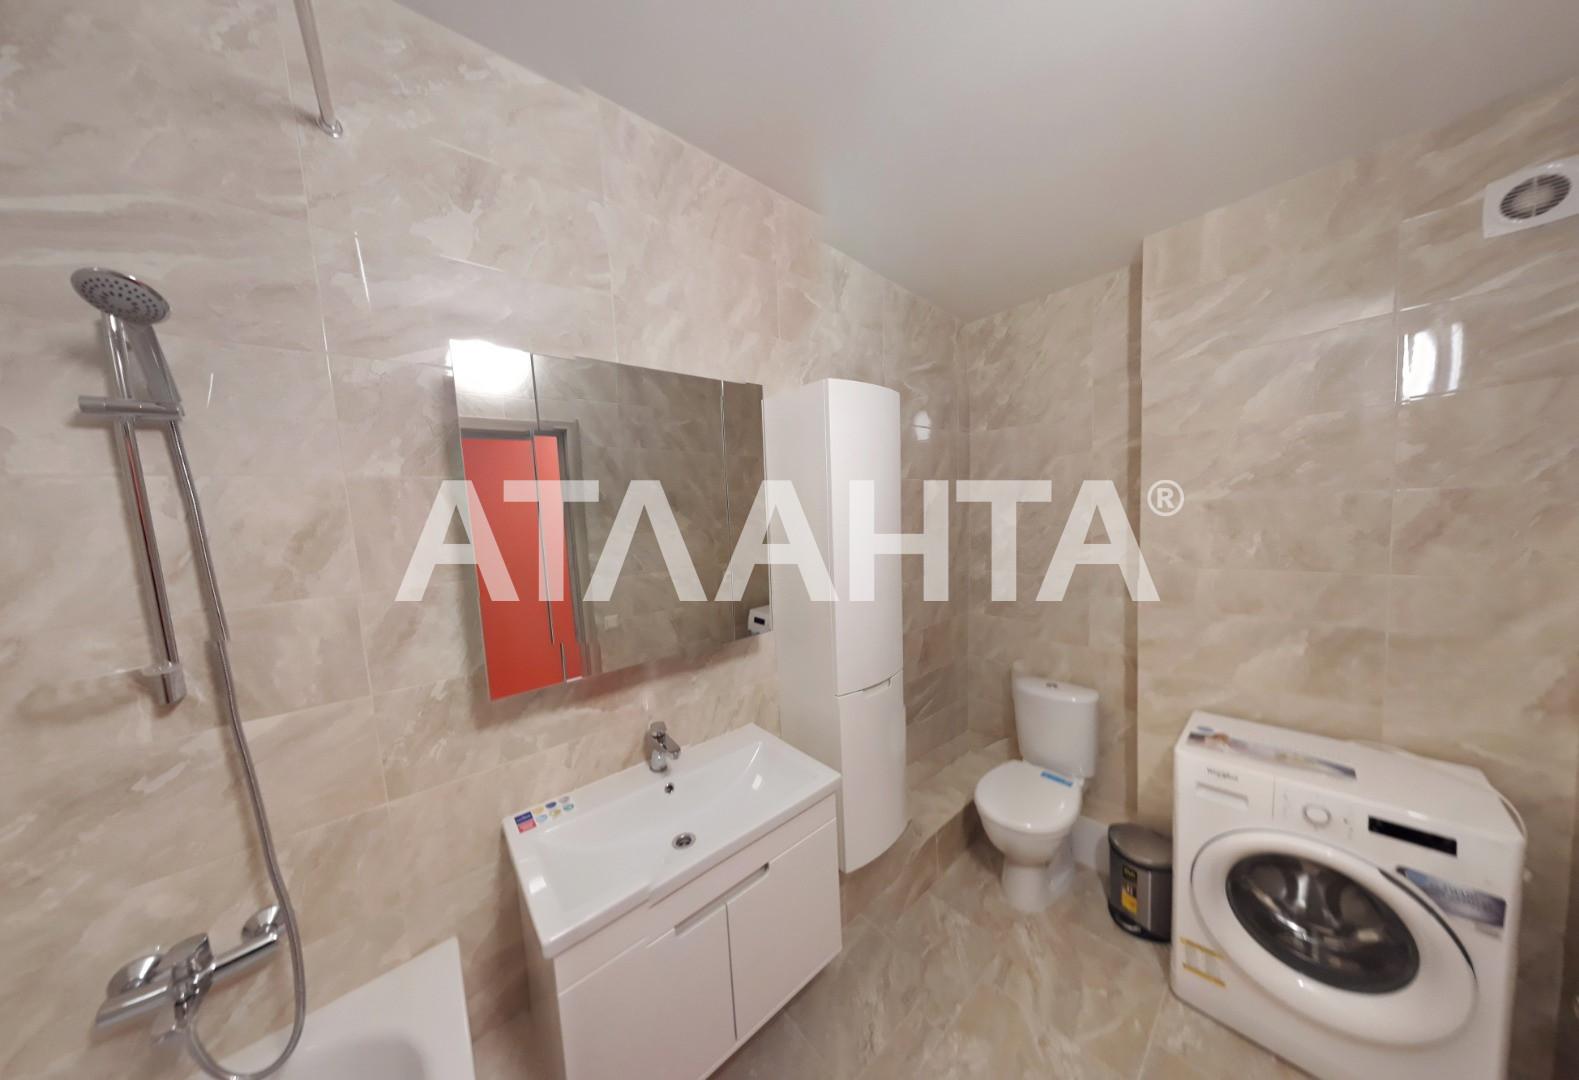 Продается 2-комнатная Квартира на ул. Академика Вильямса — 127 000 у.е. (фото №9)